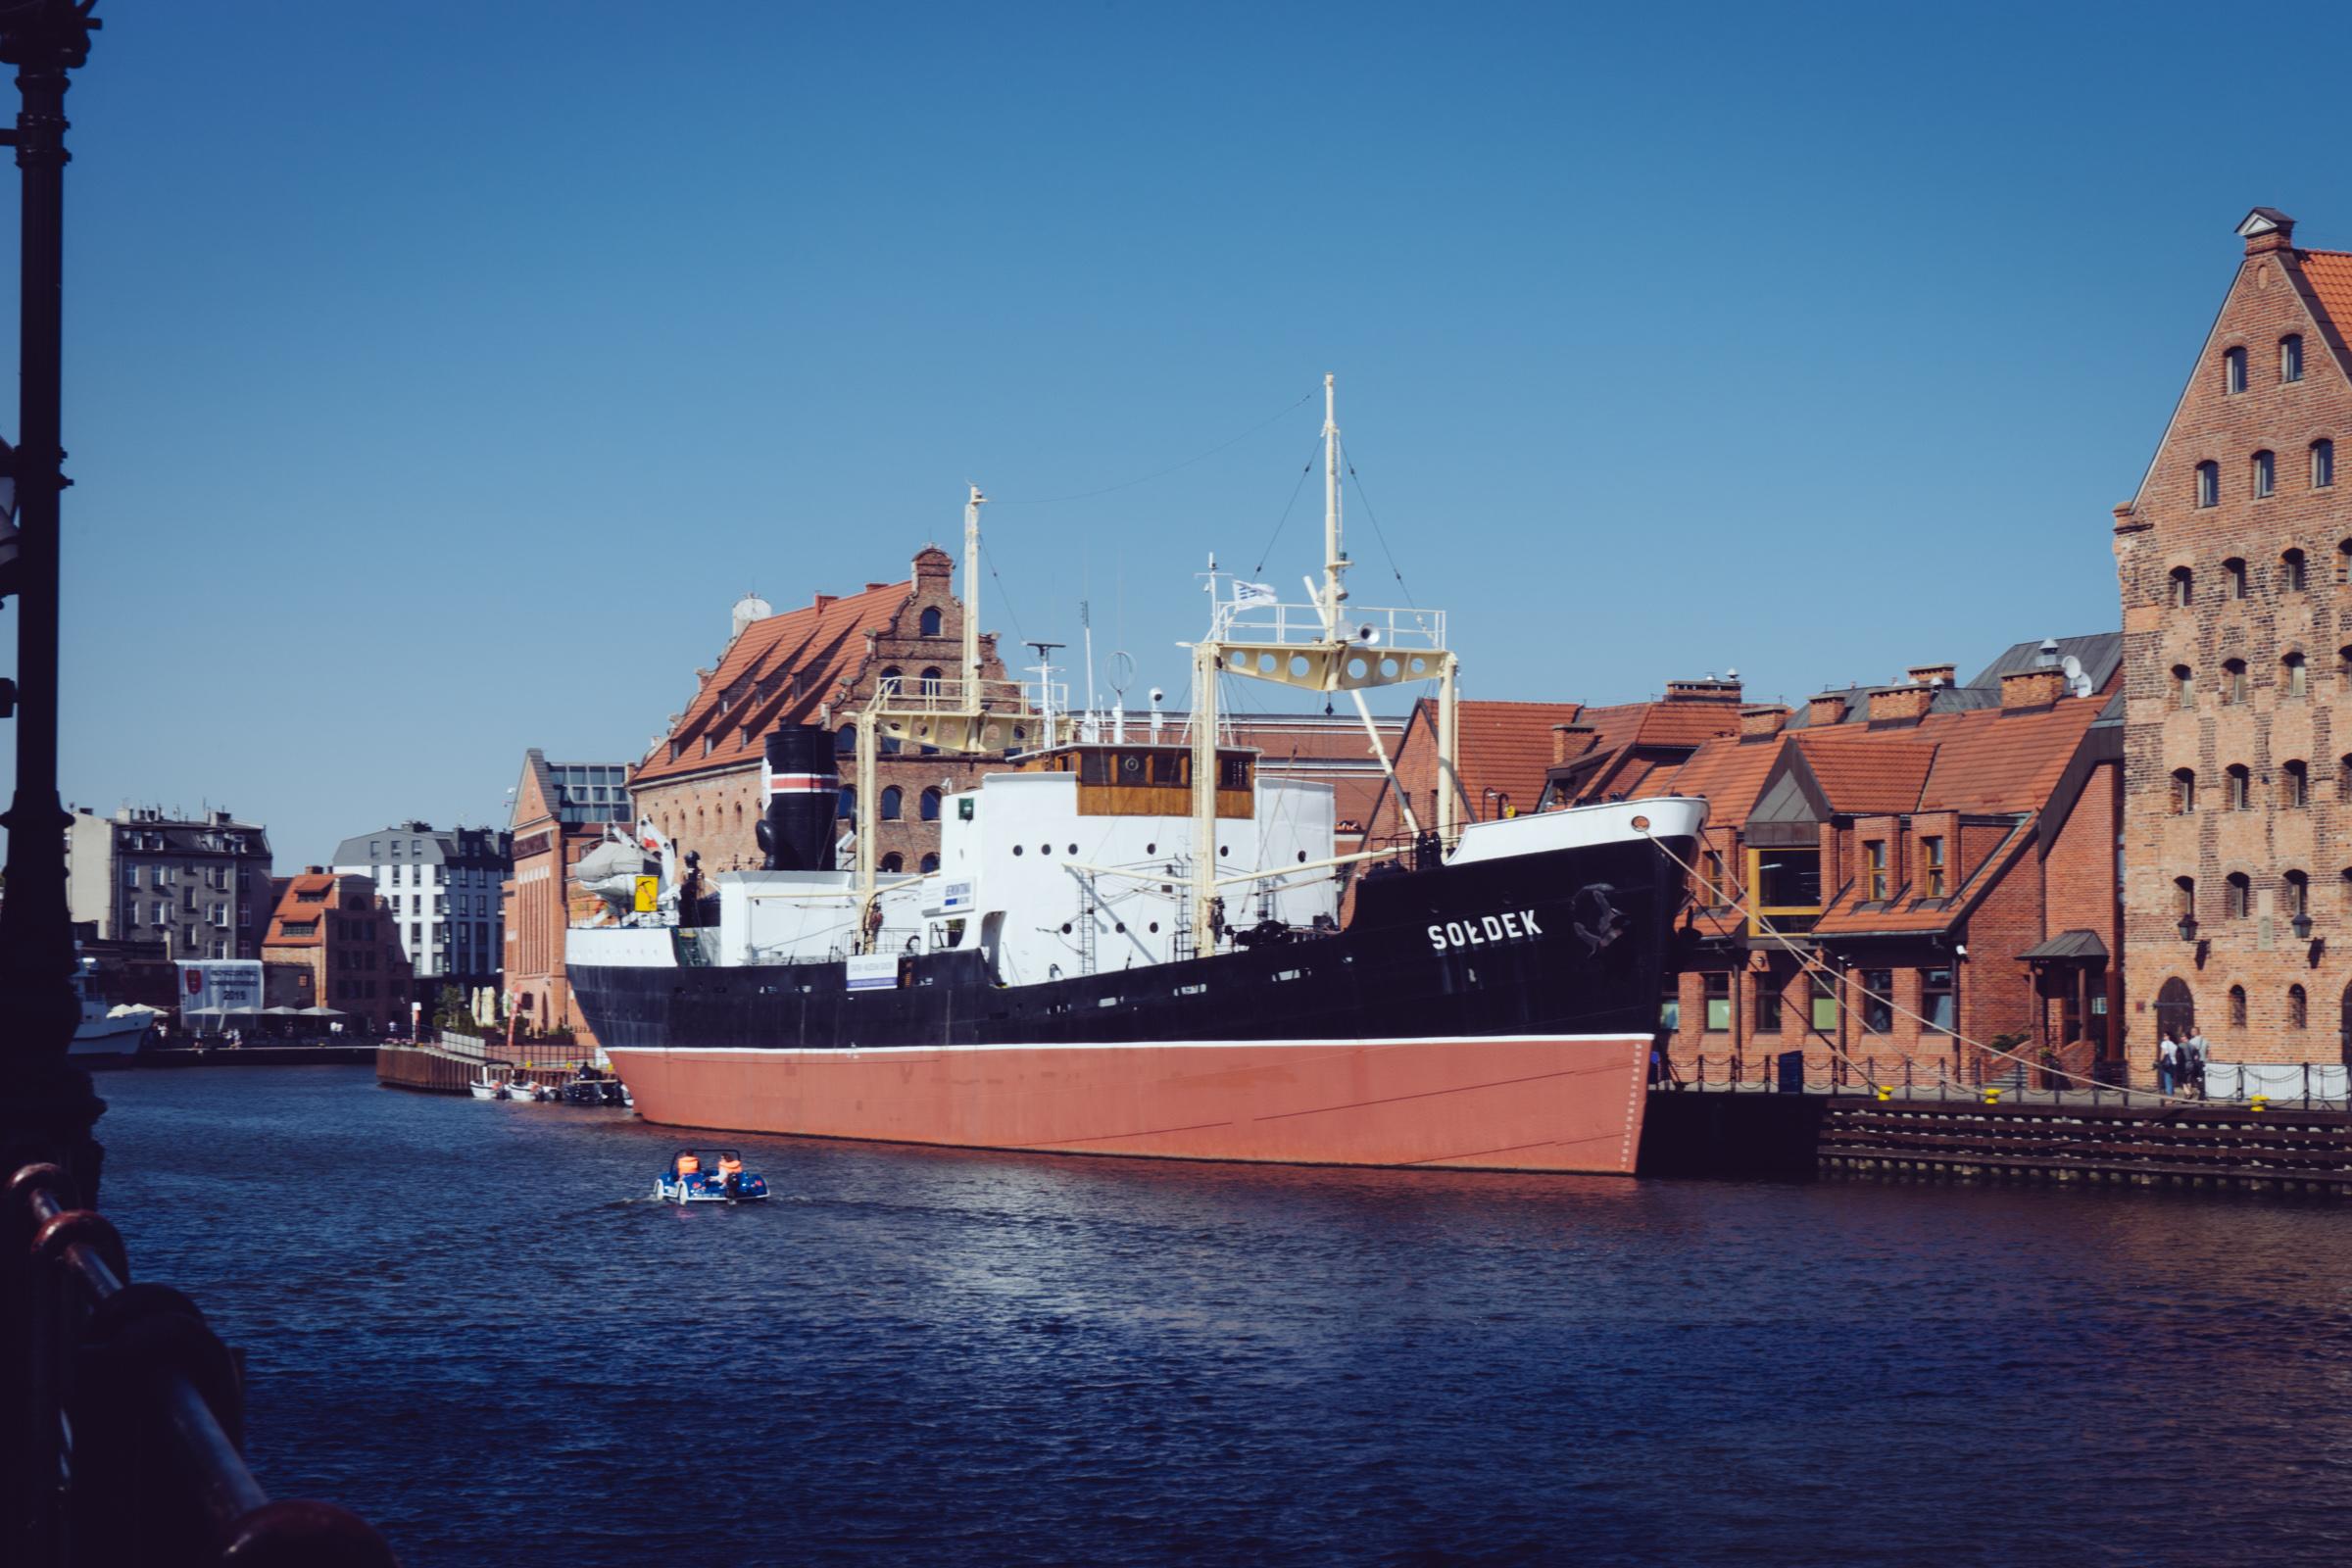 Le navire SS Soldek - Gdansk - Pologne